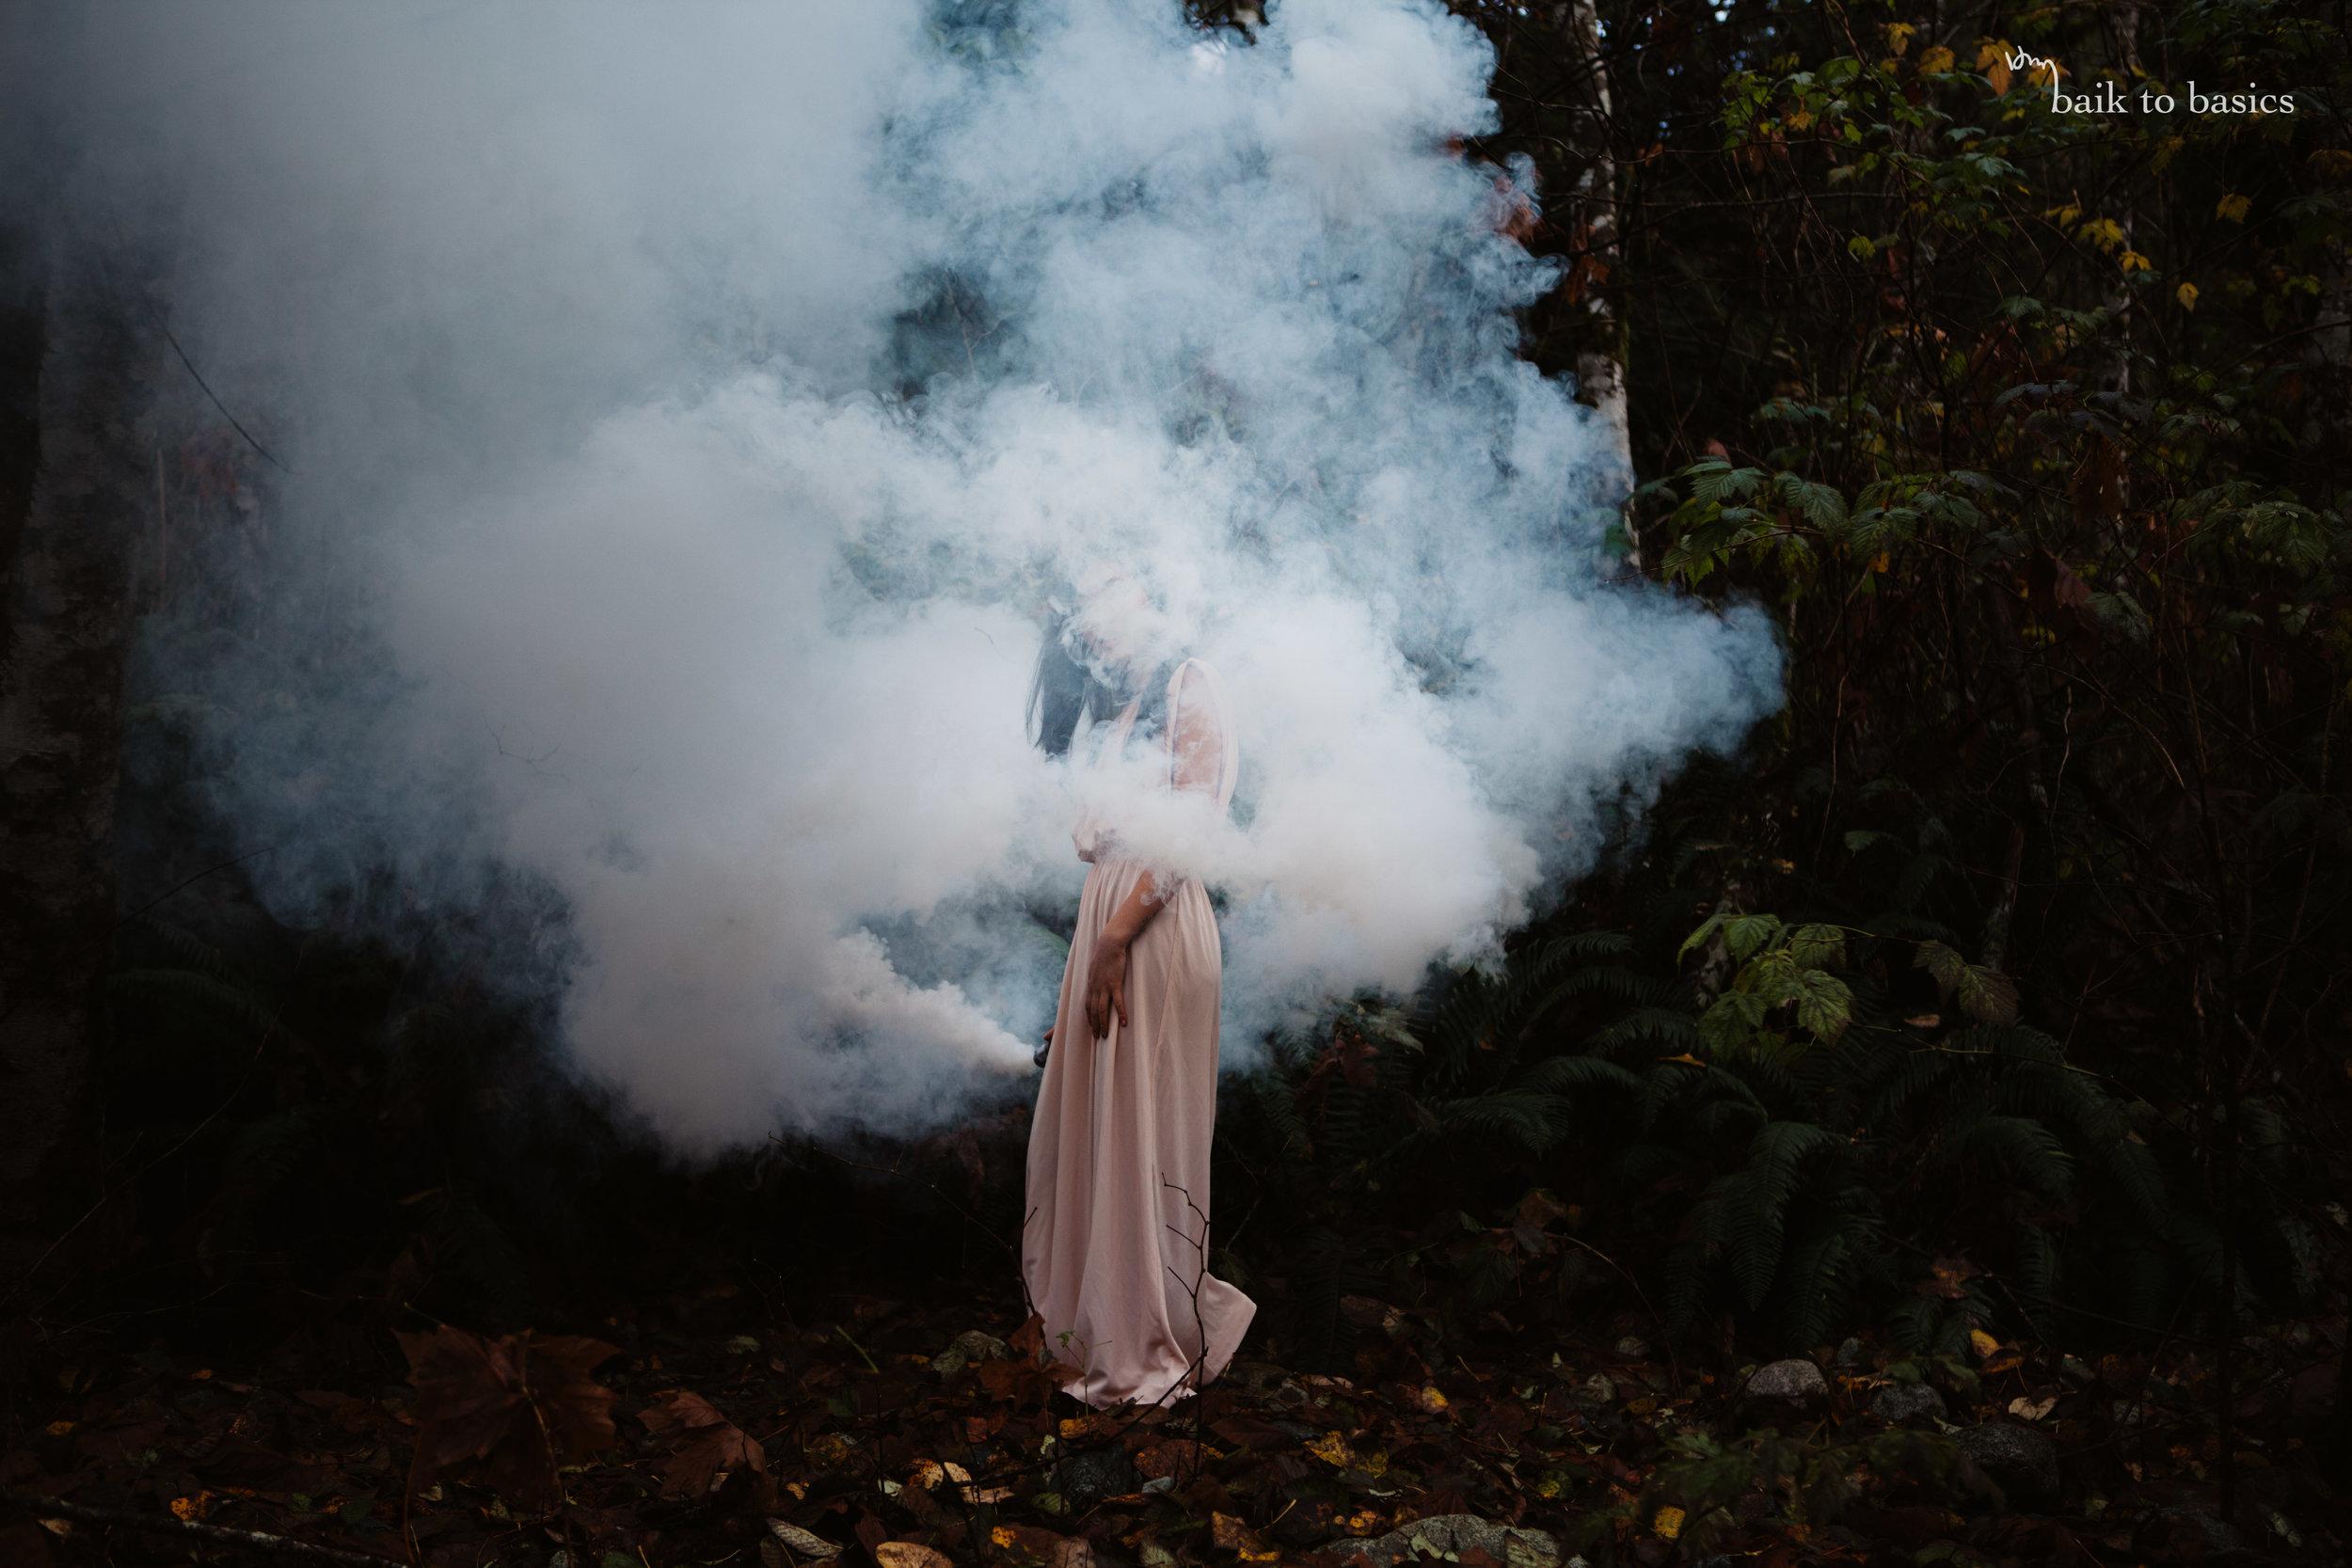 enchanted-photoshoot-smokebomb-6